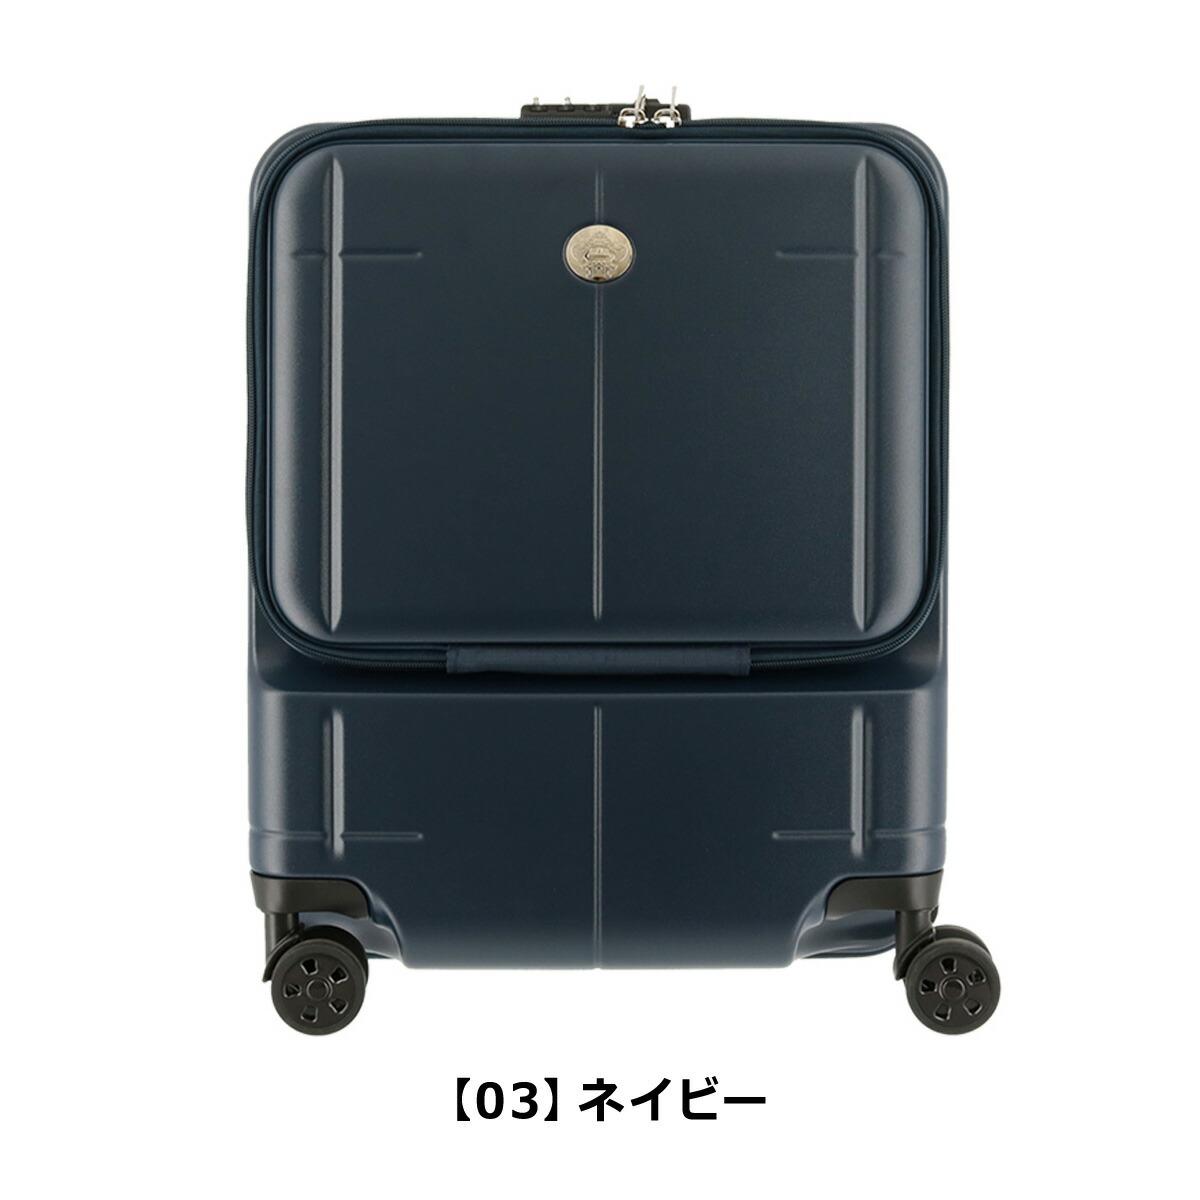 【03】ネイビー